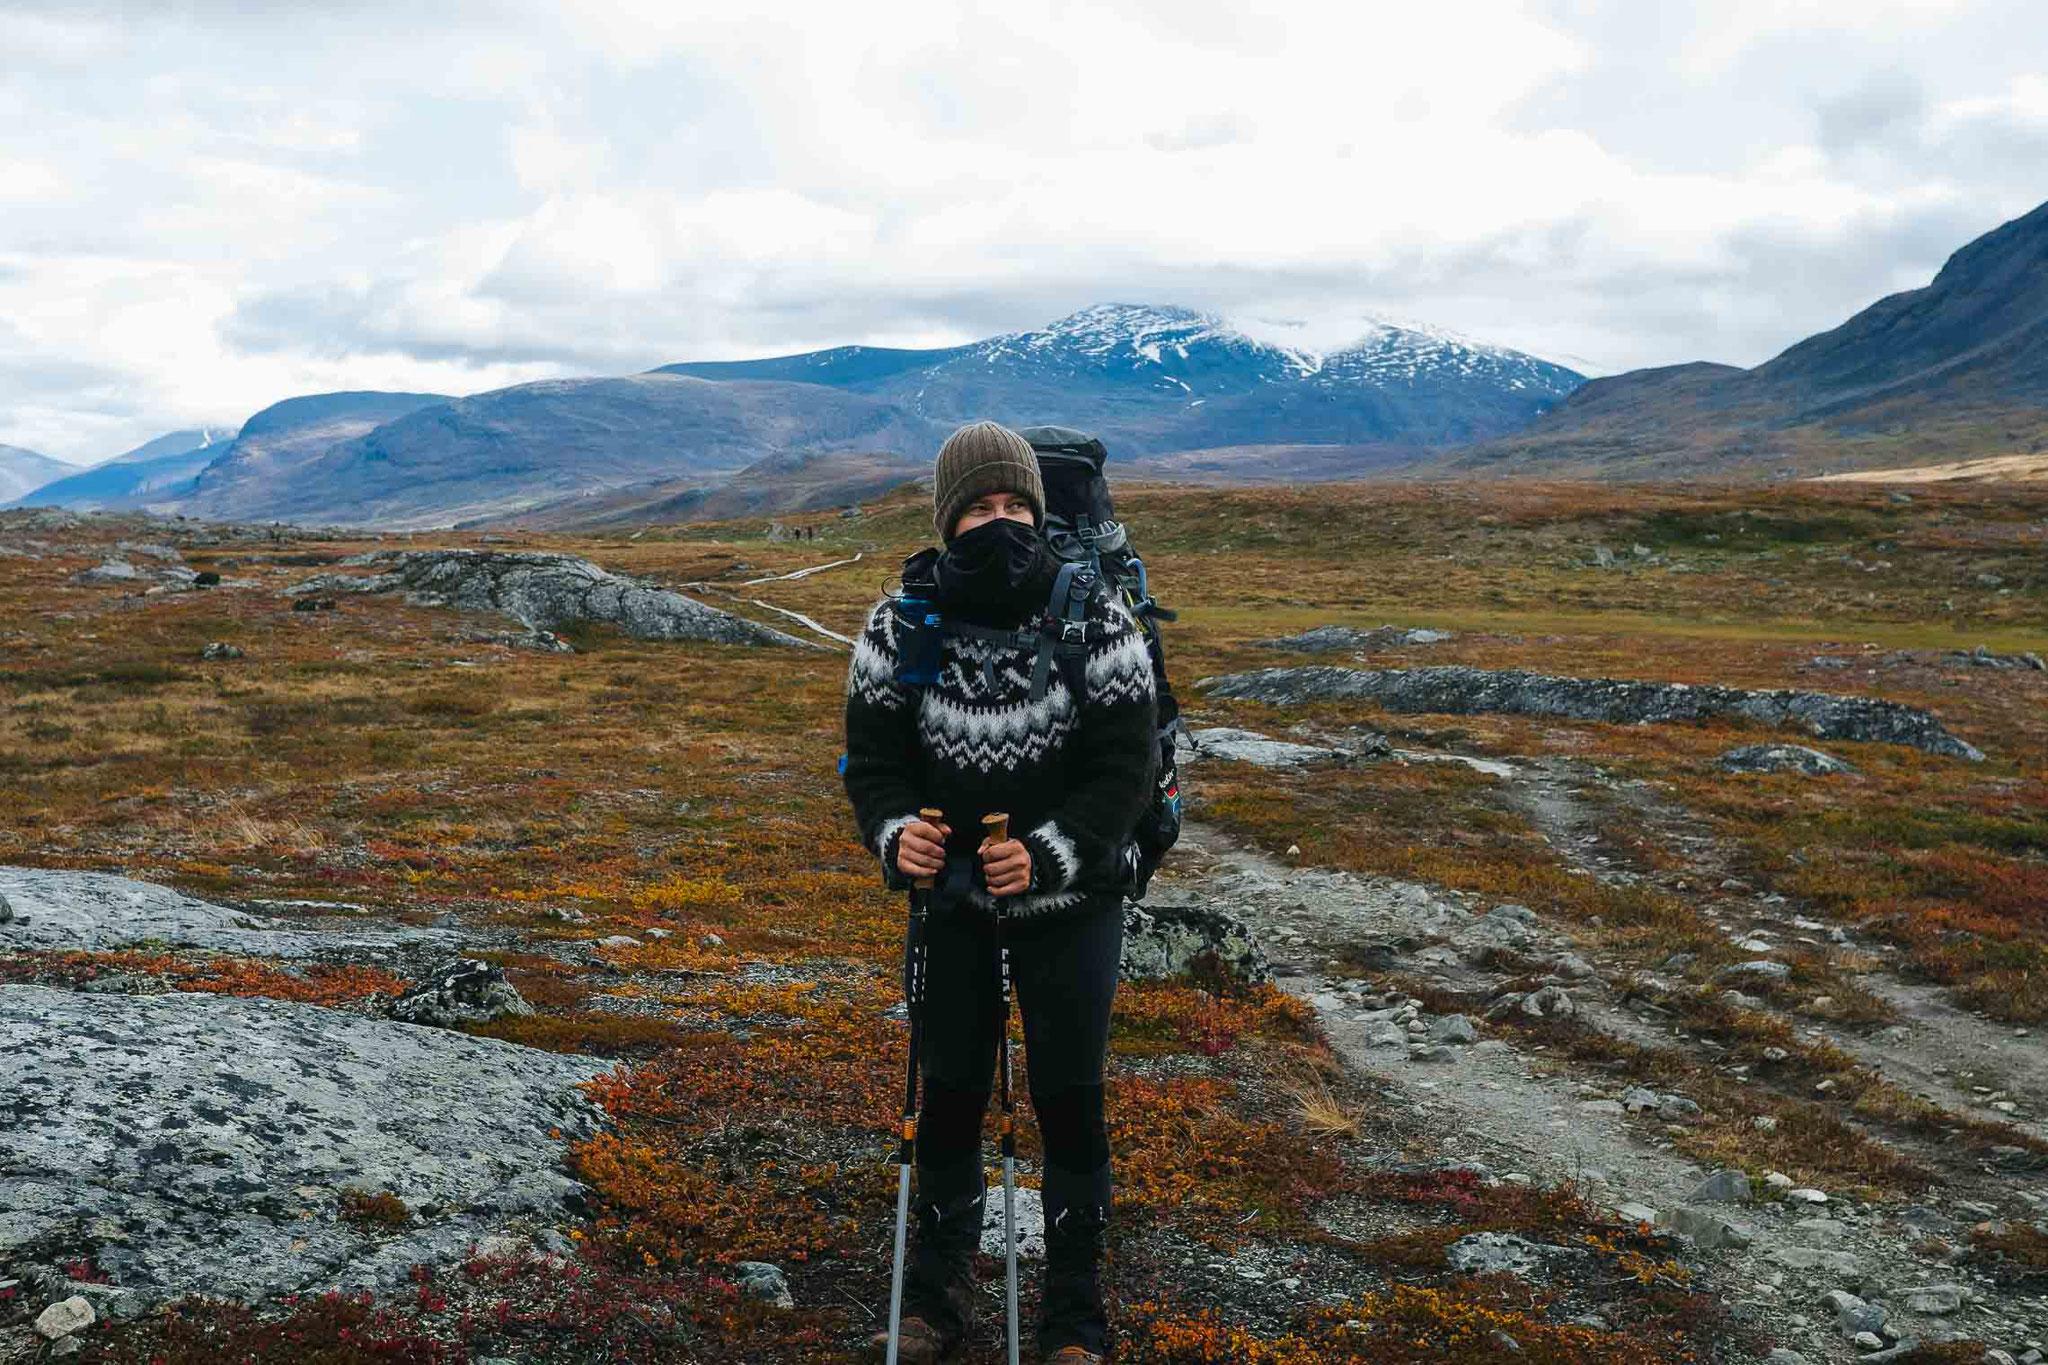 Die optimale Kluft zum Wandern im Herbst auf dem Kungsleden